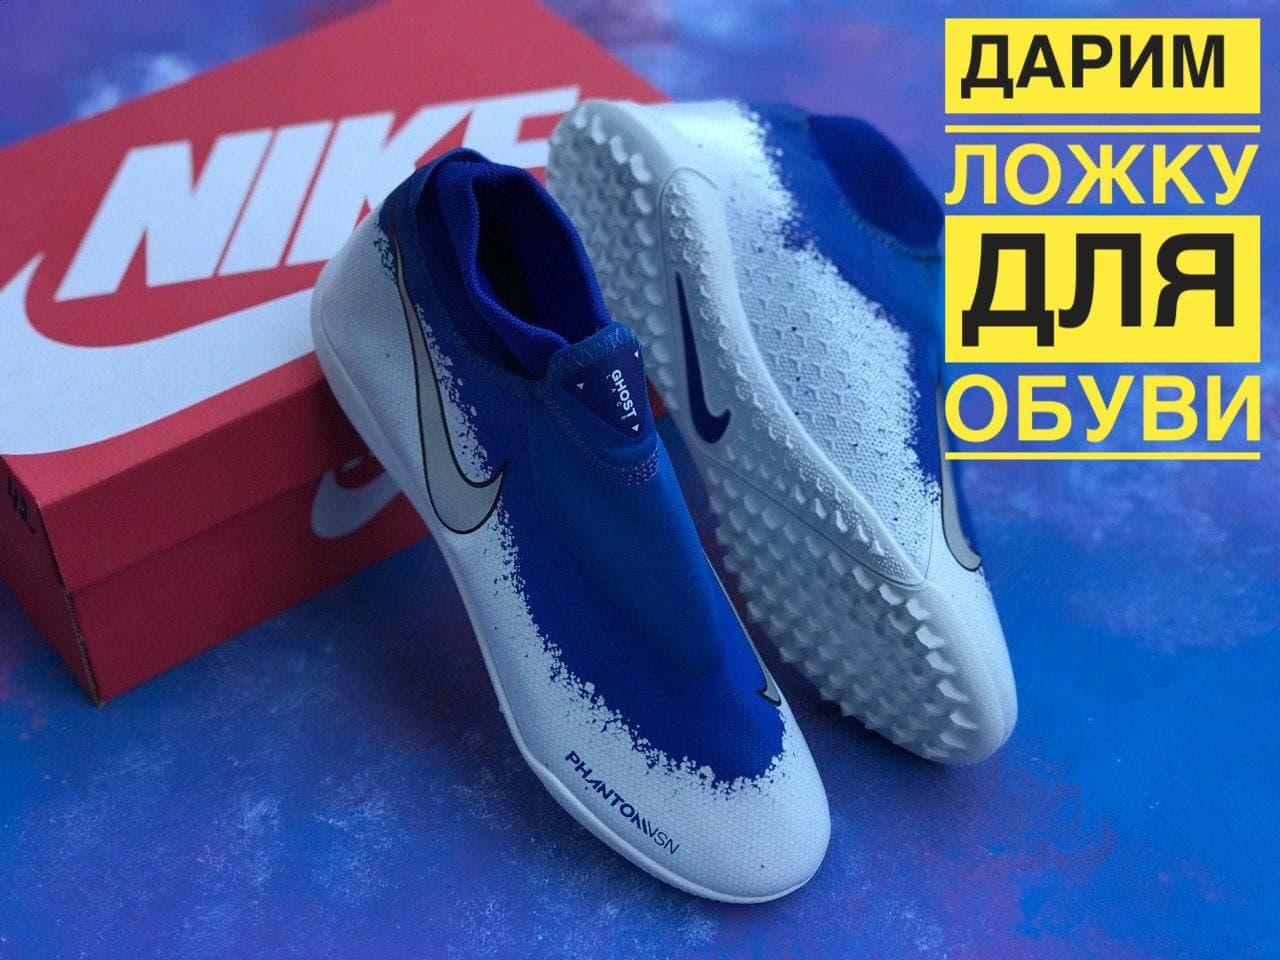 Сороконожки Nike Phantom VSN / бампы / футбольная обувь / найк фантом